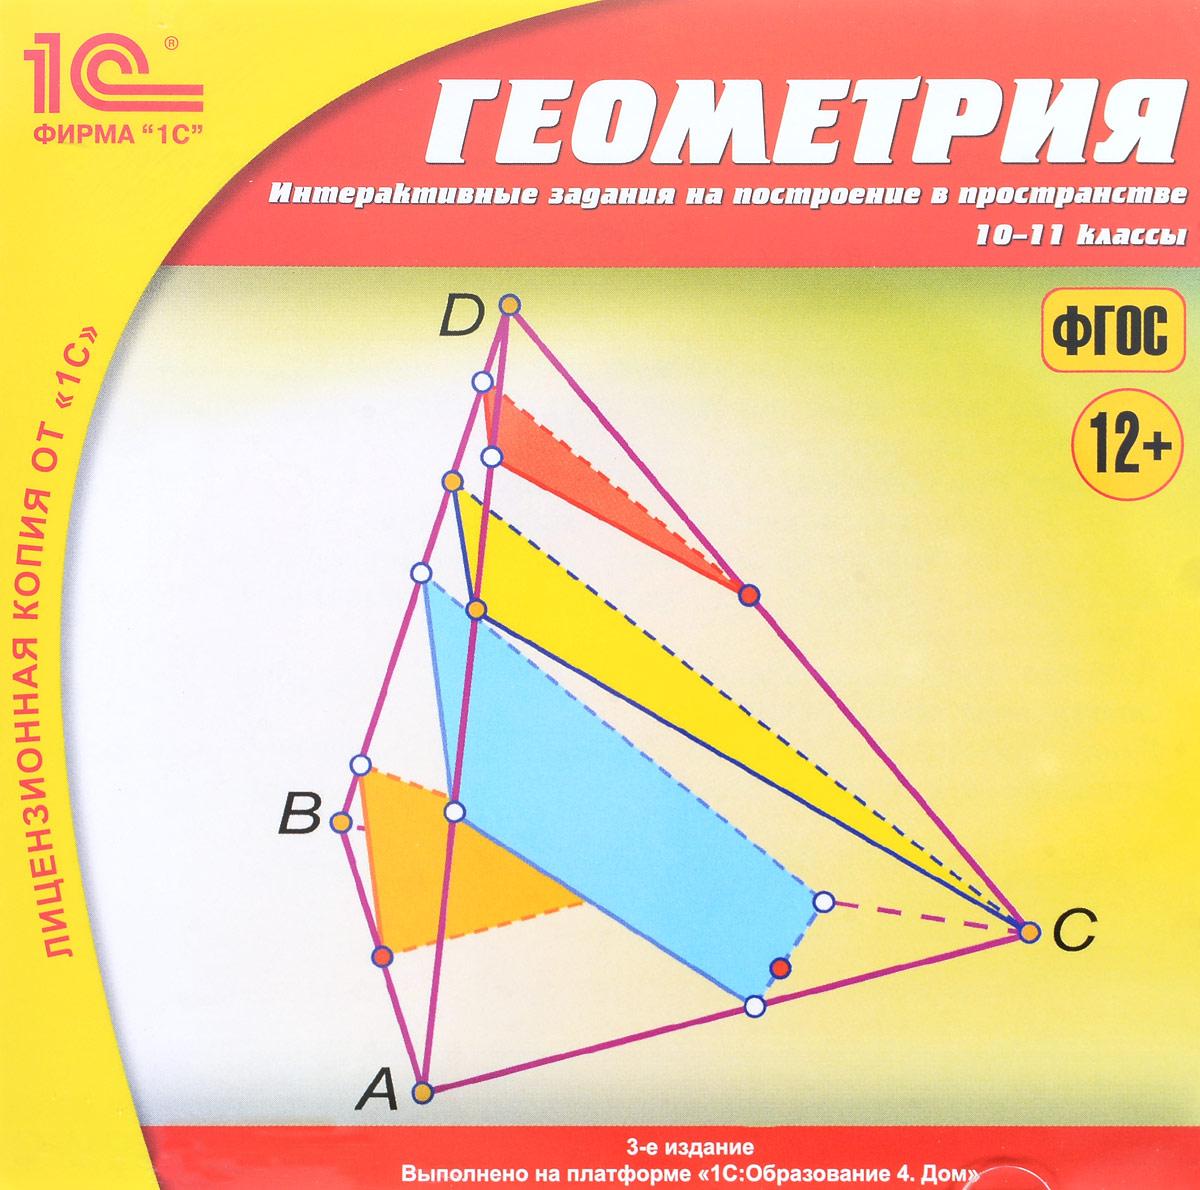 1С:Школа. Геометрия. Интерактивные задания на построение в пространстве. 10-11 классы сучкорез fiskars singlestep l 38 112460